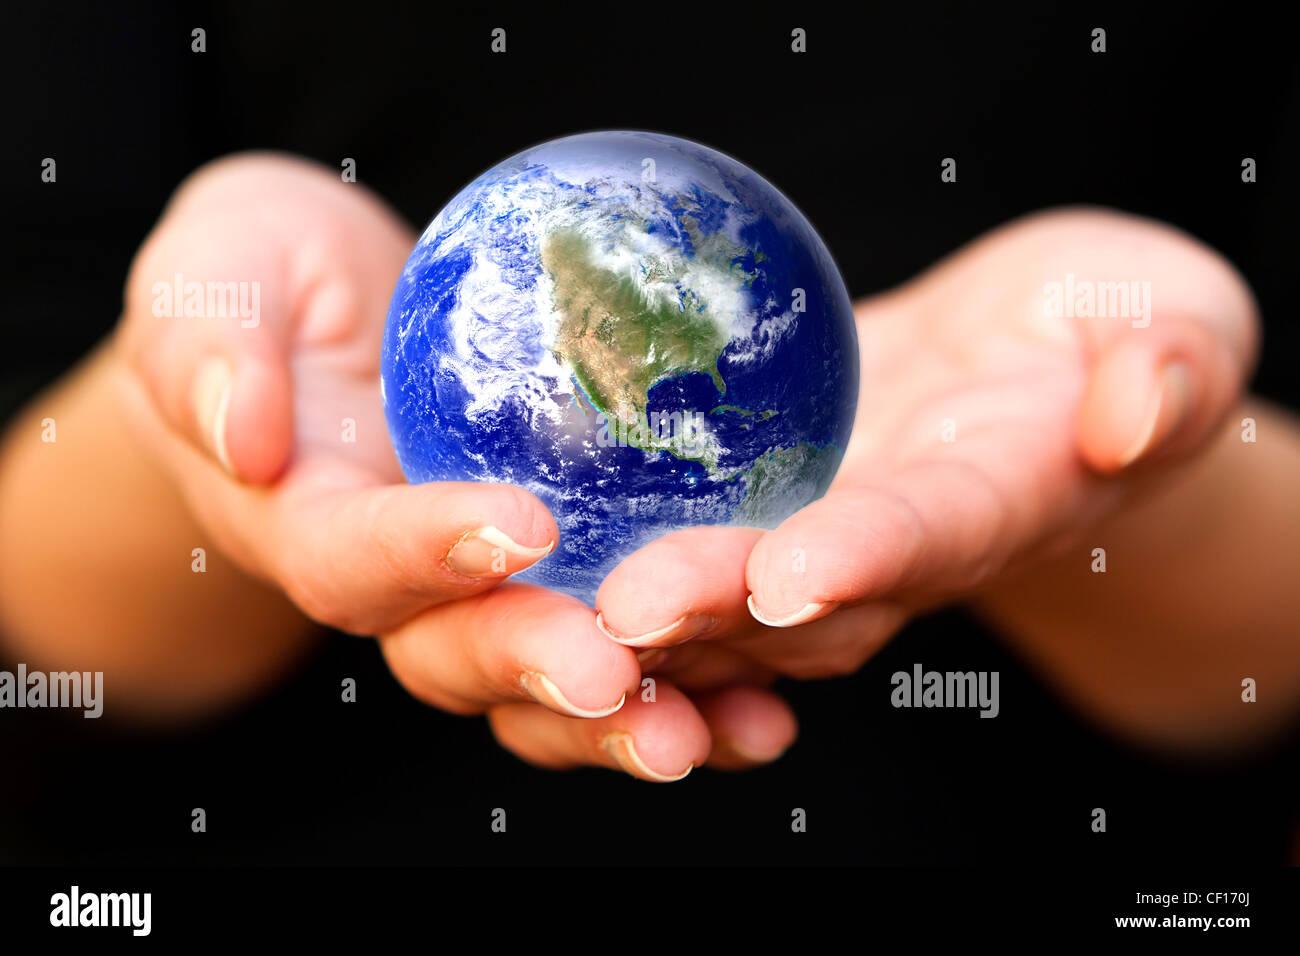 Les mains soigneusement holding Earth planet. Monde de verre Photo Stock